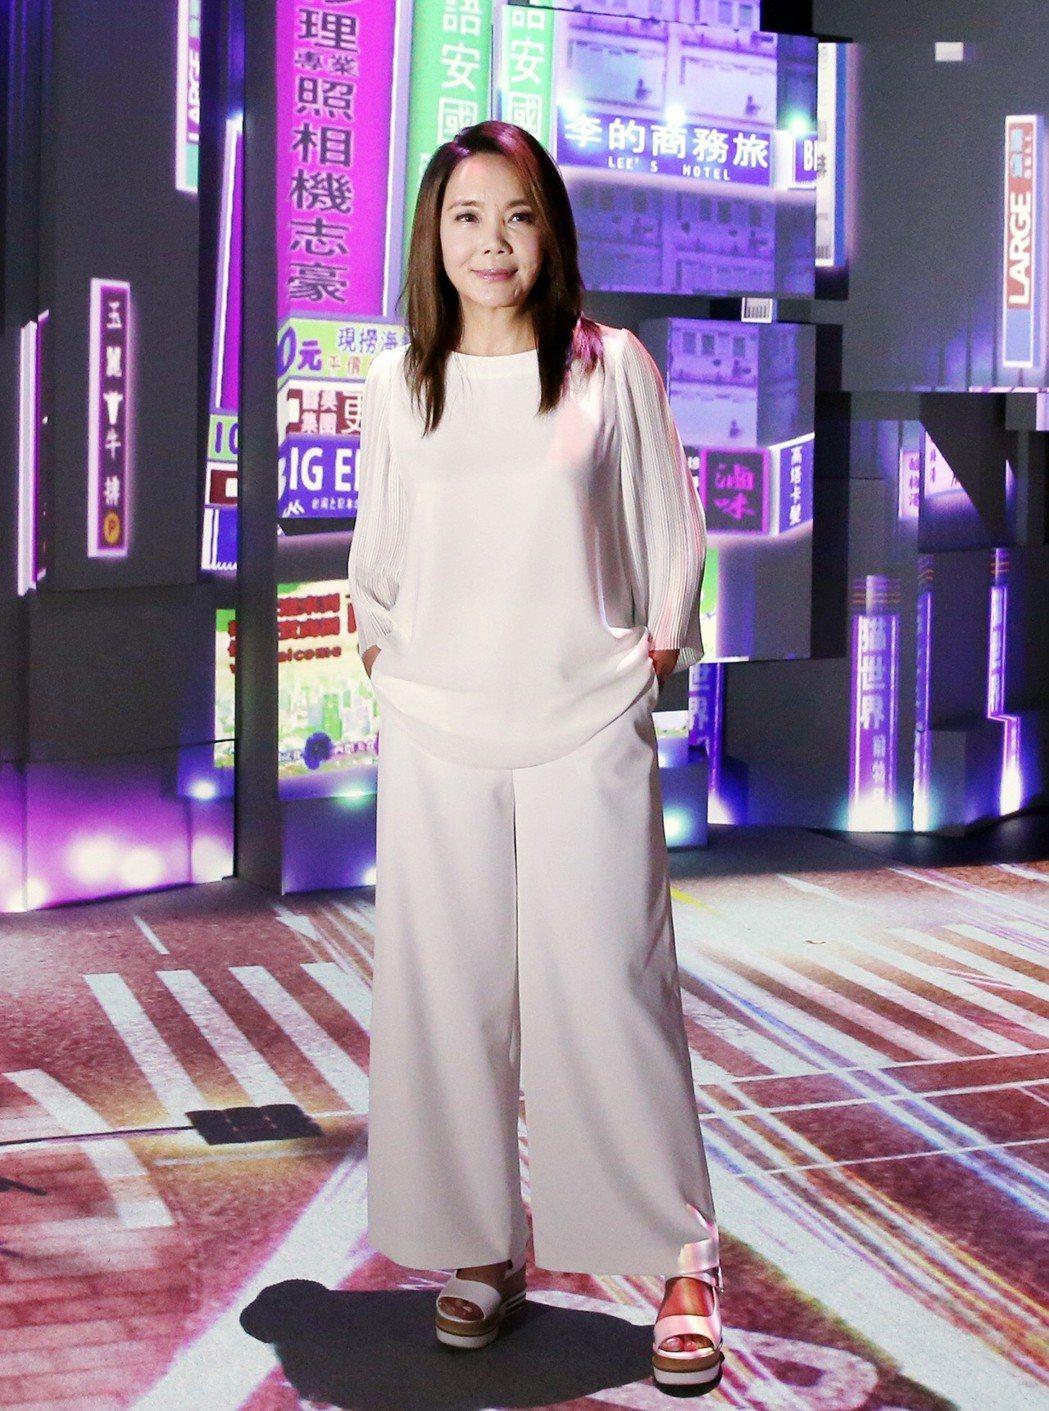 辛曉琪「人生若只如初見」演唱會,邀請在日本結合藝術、科技創造出絢爛光影特效的Na